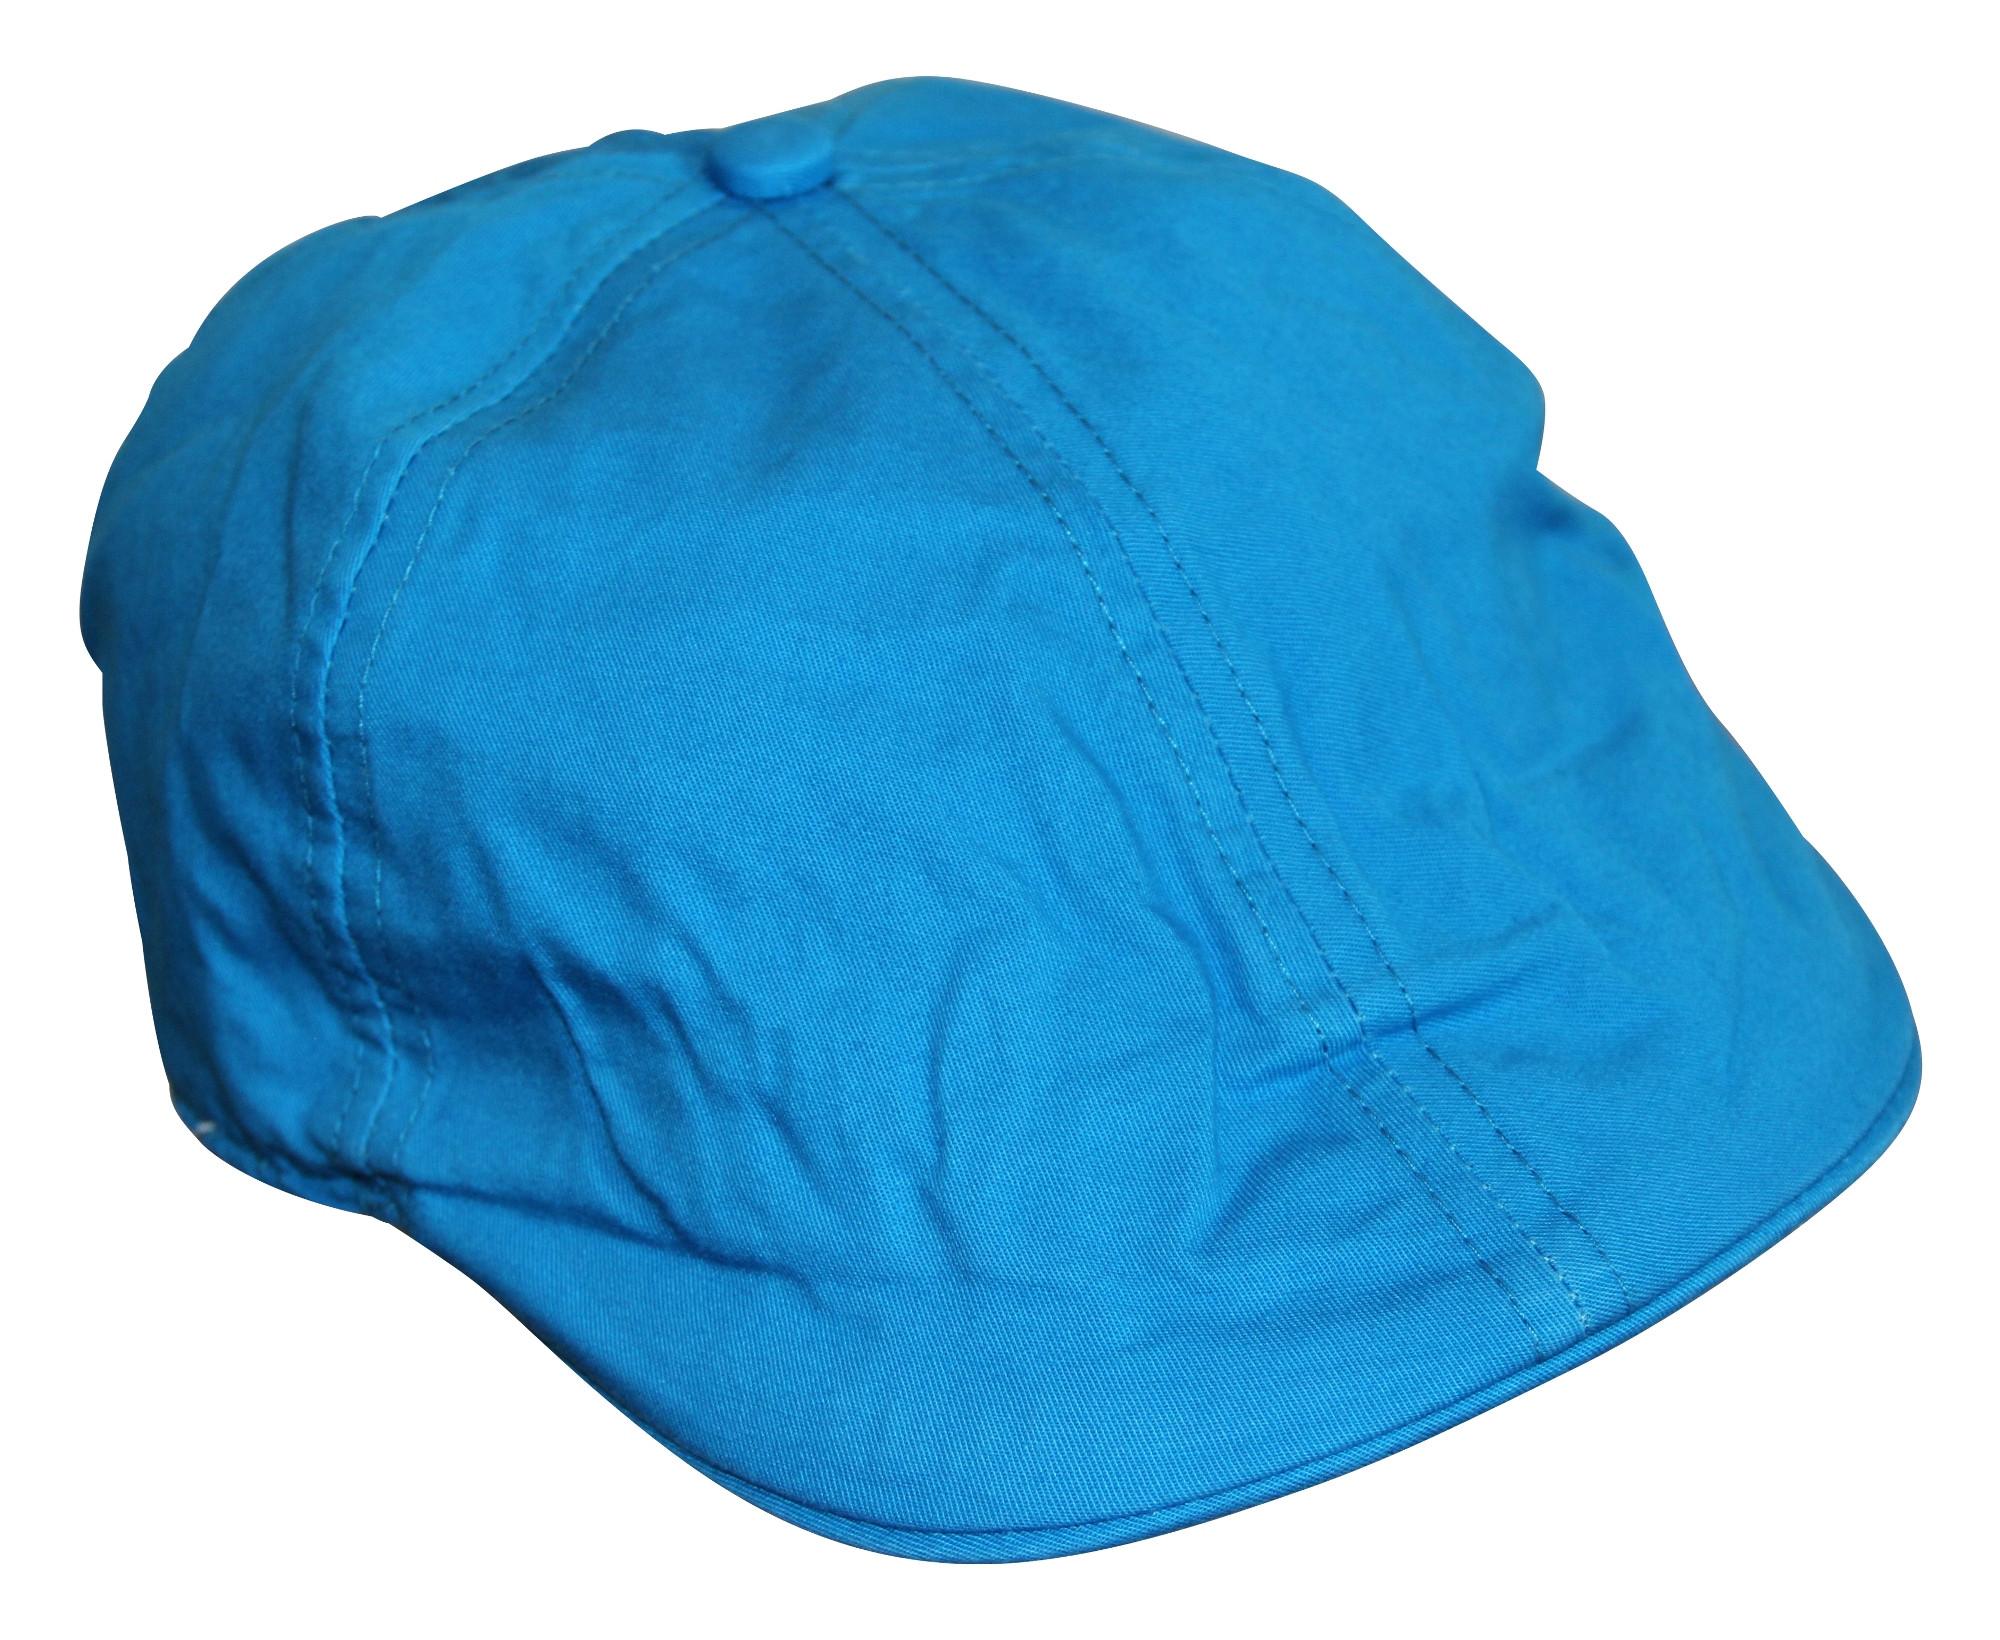 Coole Flatcap für Jungen Baby türkis blau Cap Mütze Hut 100% Baumwolle 001